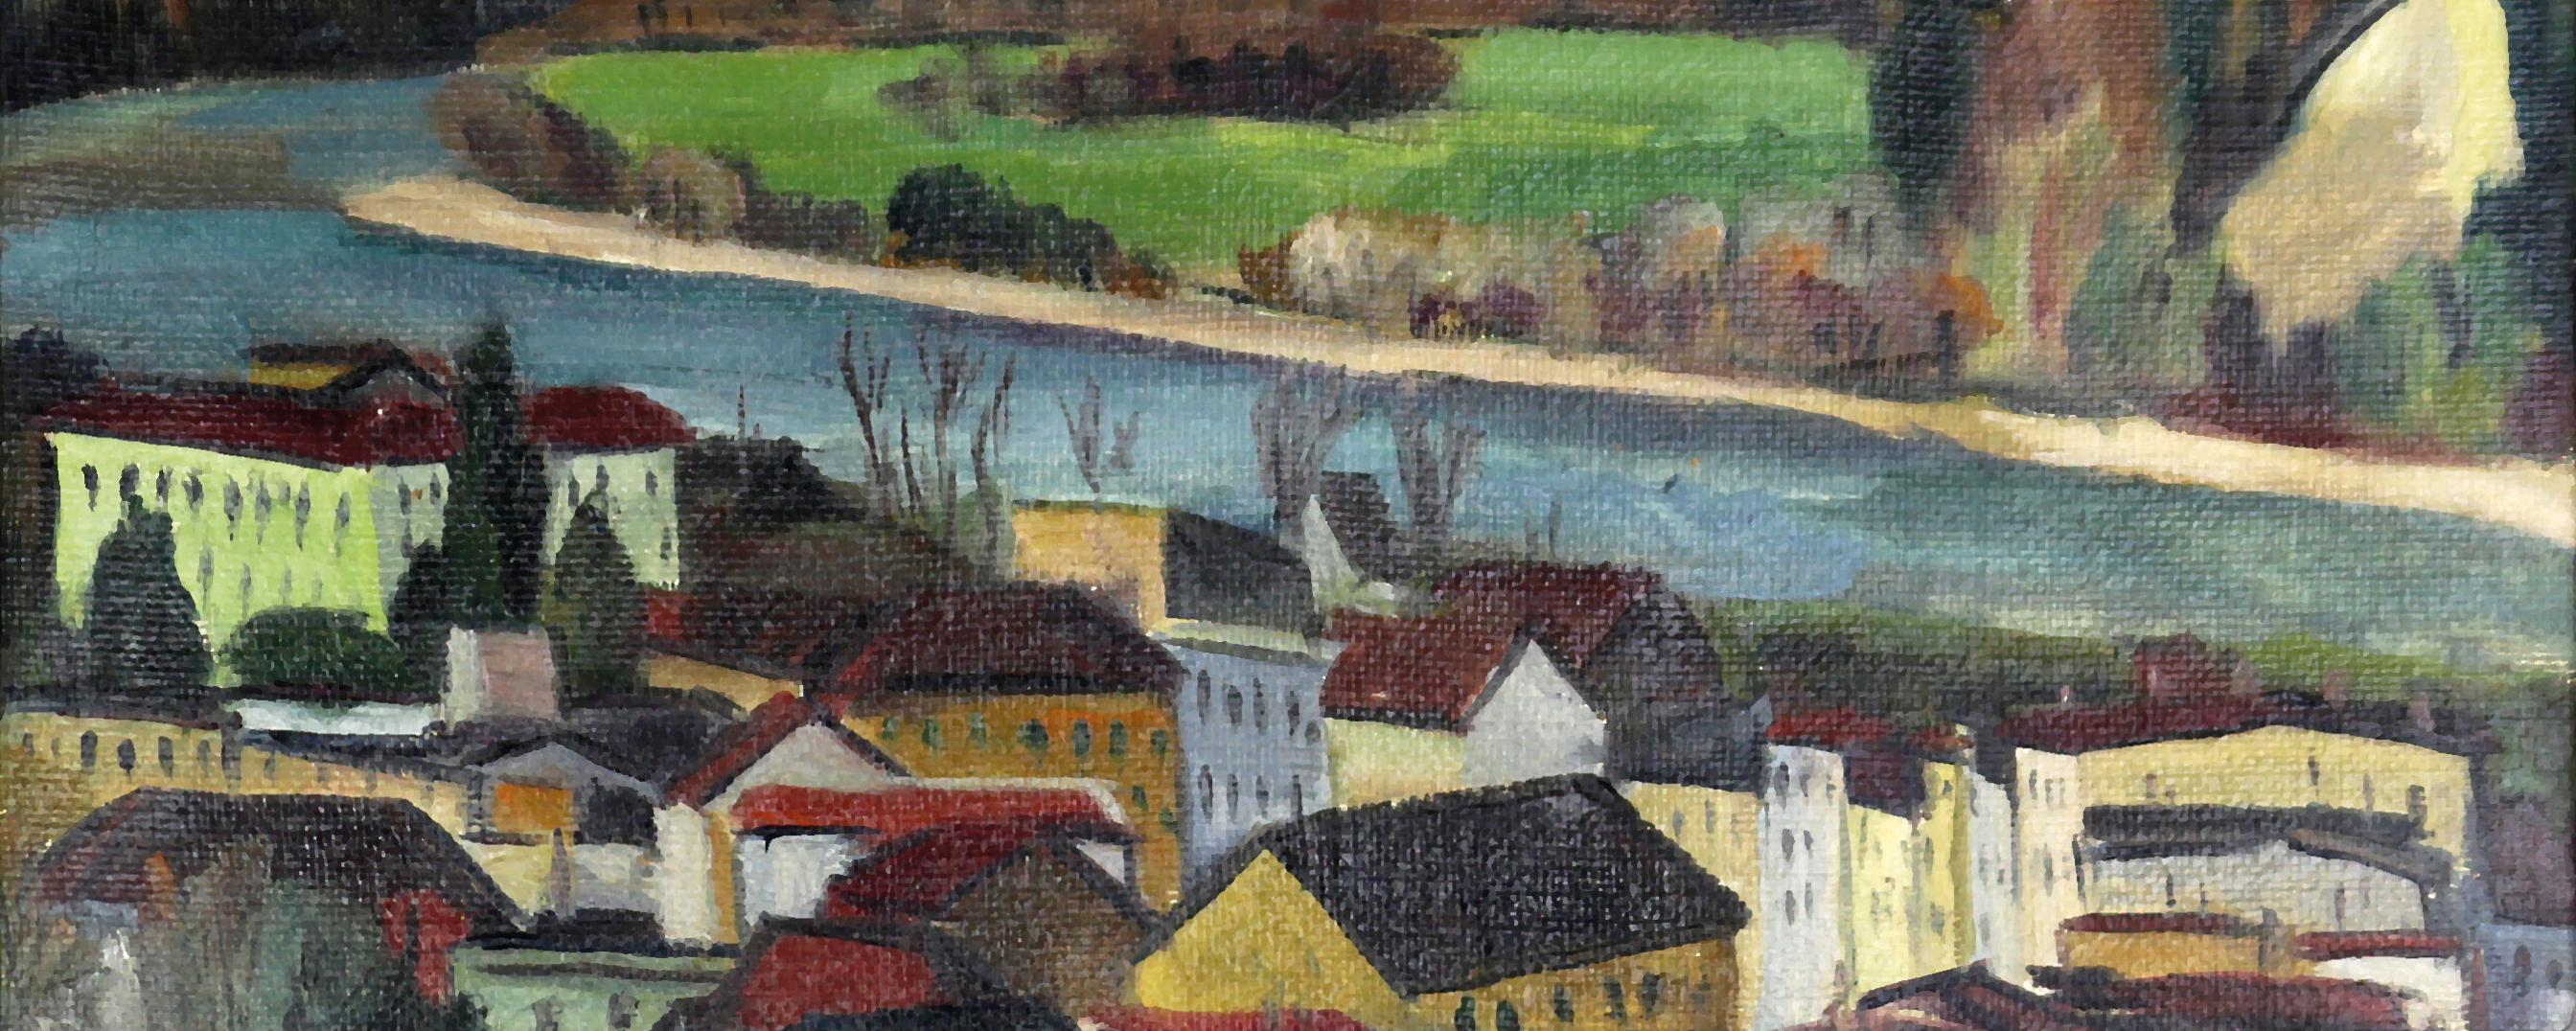 Wasserburger Maler der Vergangenheit